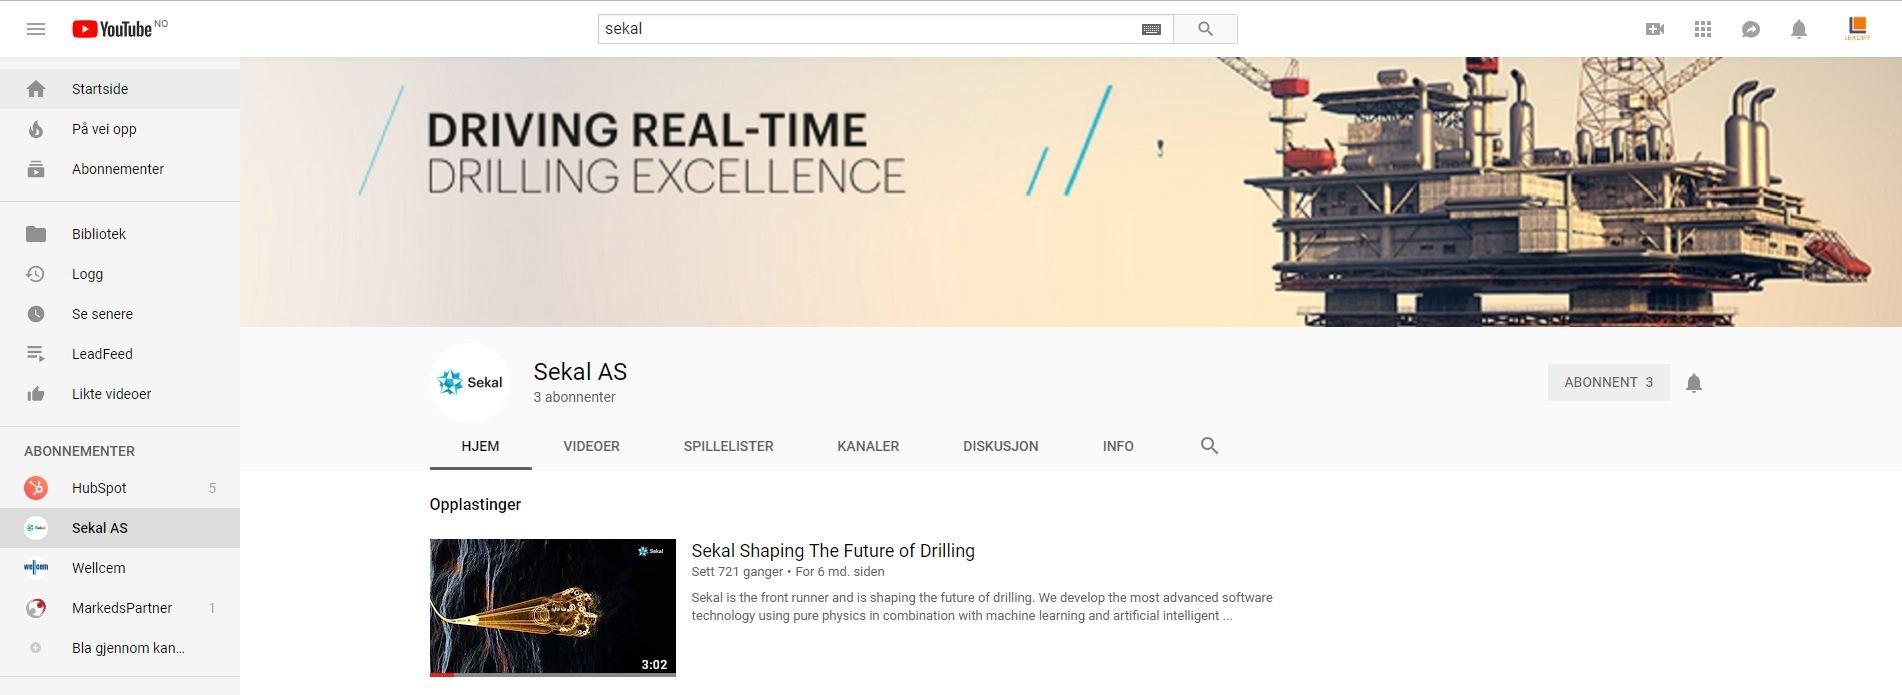 Sekal Youtube Company Page